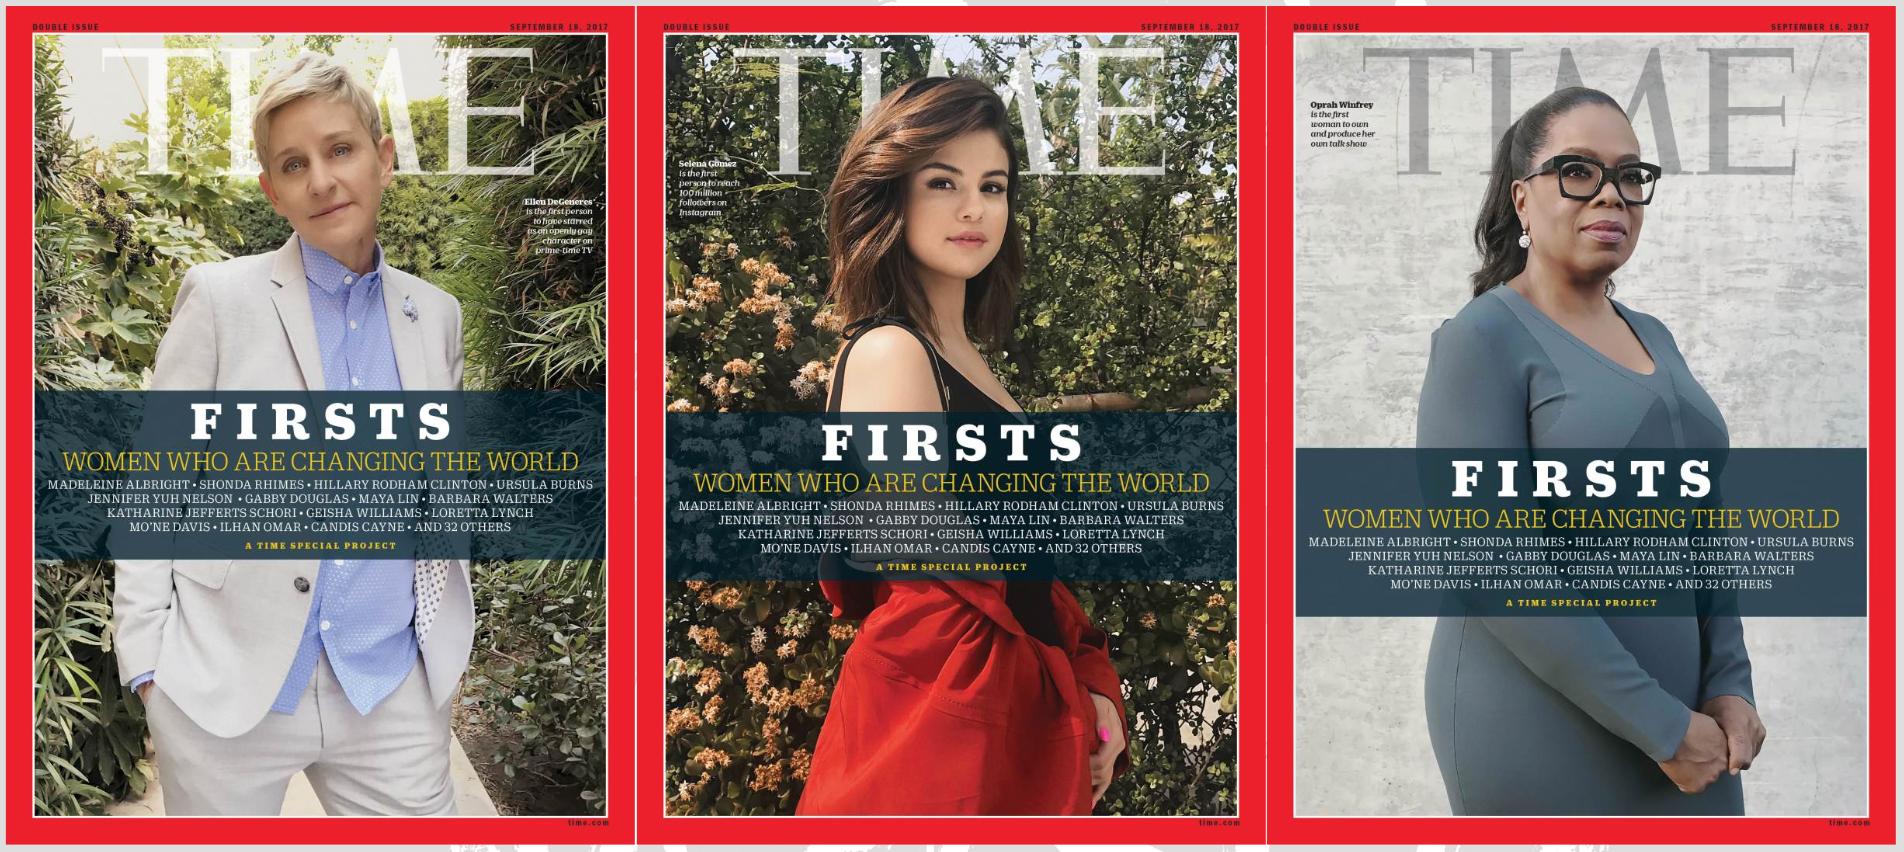 Bạn sẽ không tin ảnh bìa trên tạp chí Time lại được chụp bằng iPhone, trong đó có cả iPhone 5 - Ảnh 1.